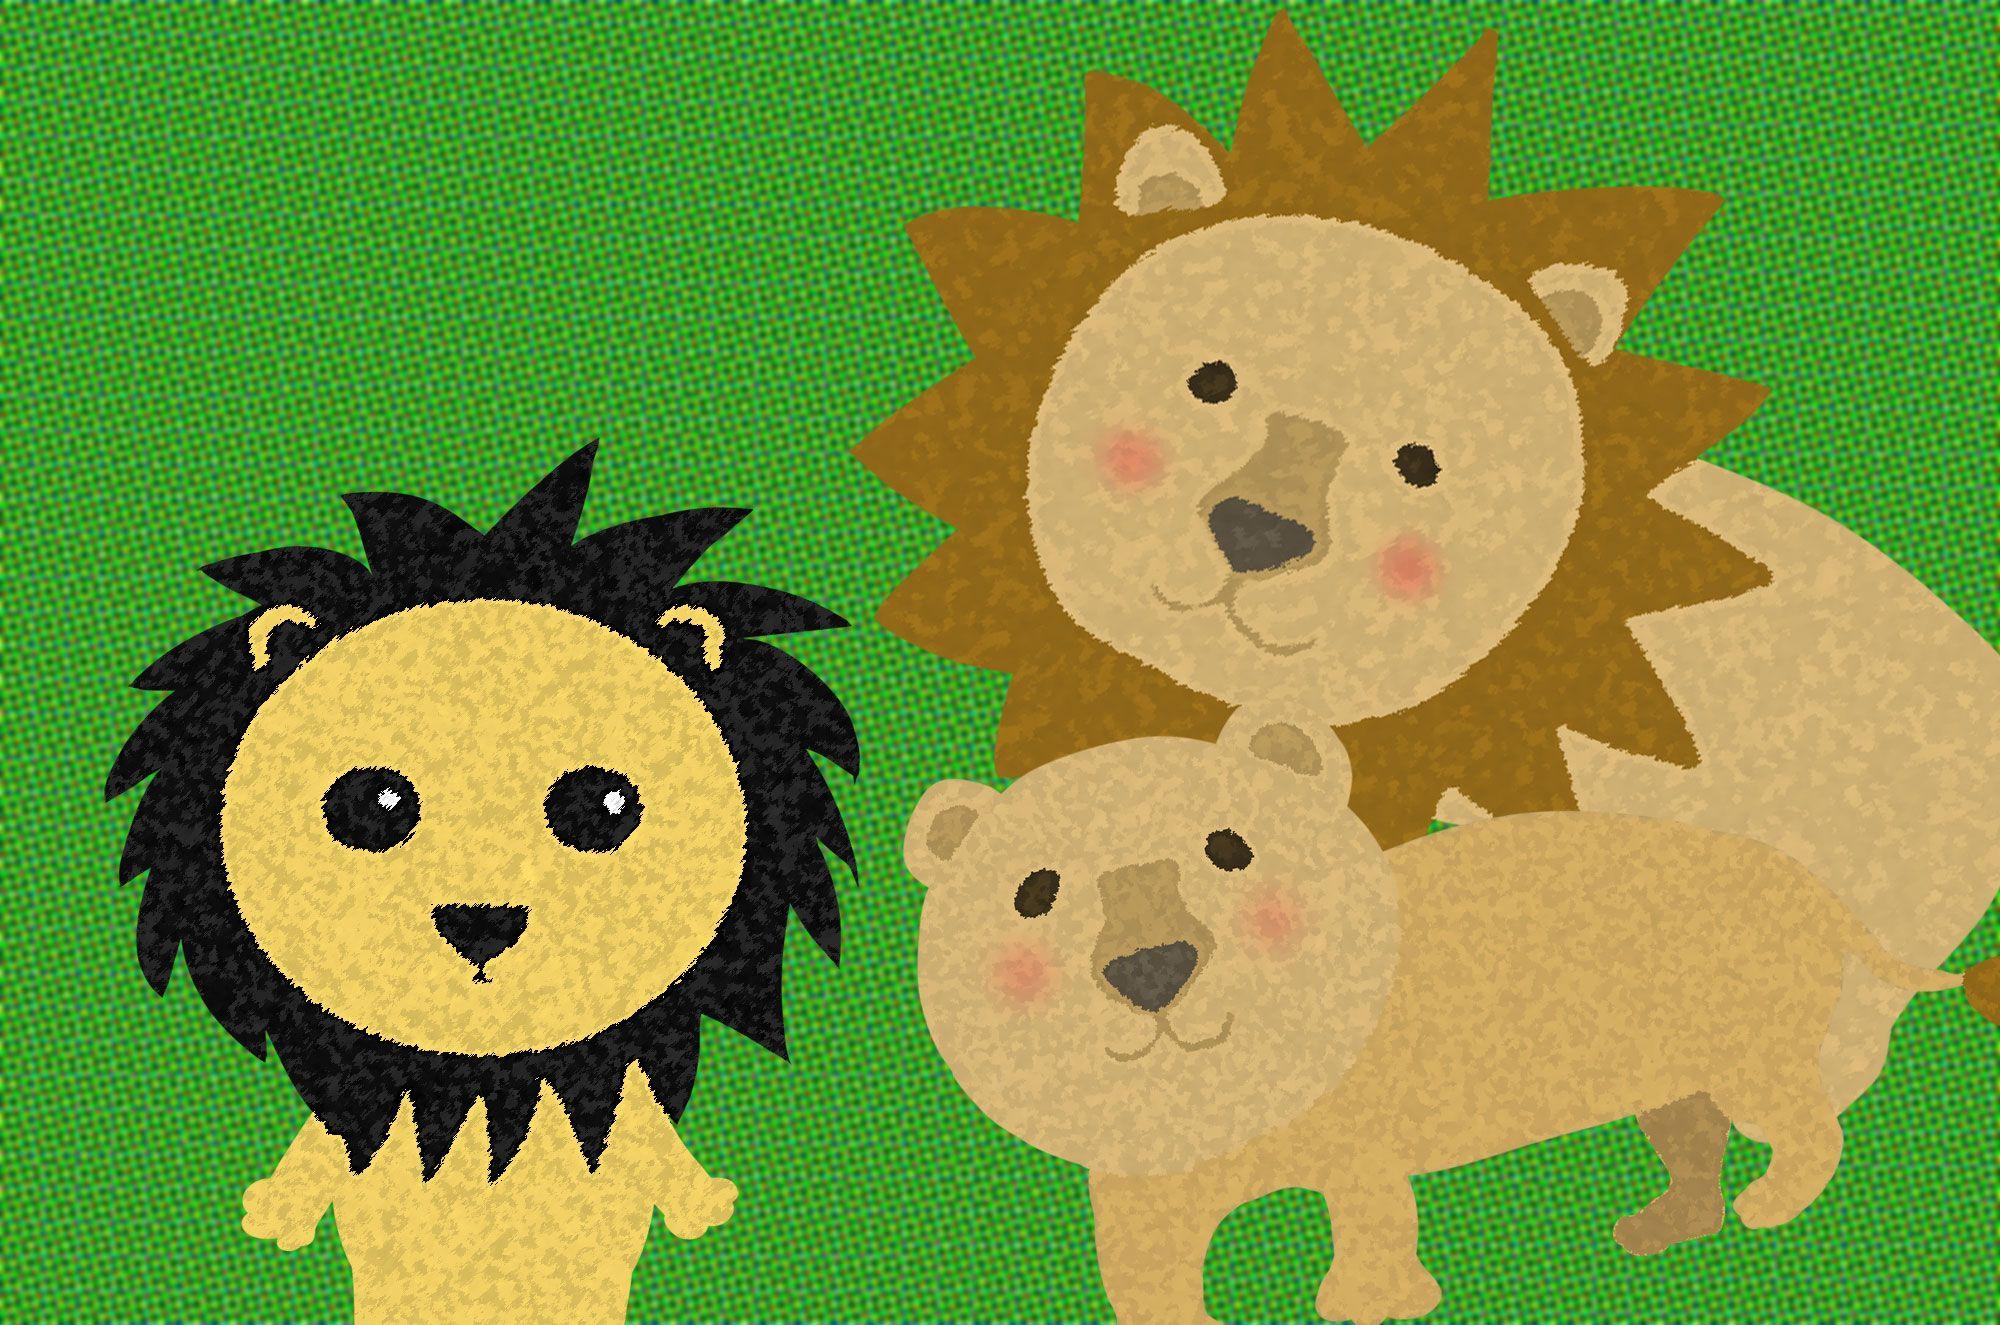 ライオンの可愛いイラスト フリーイラスト素材集 ライオン